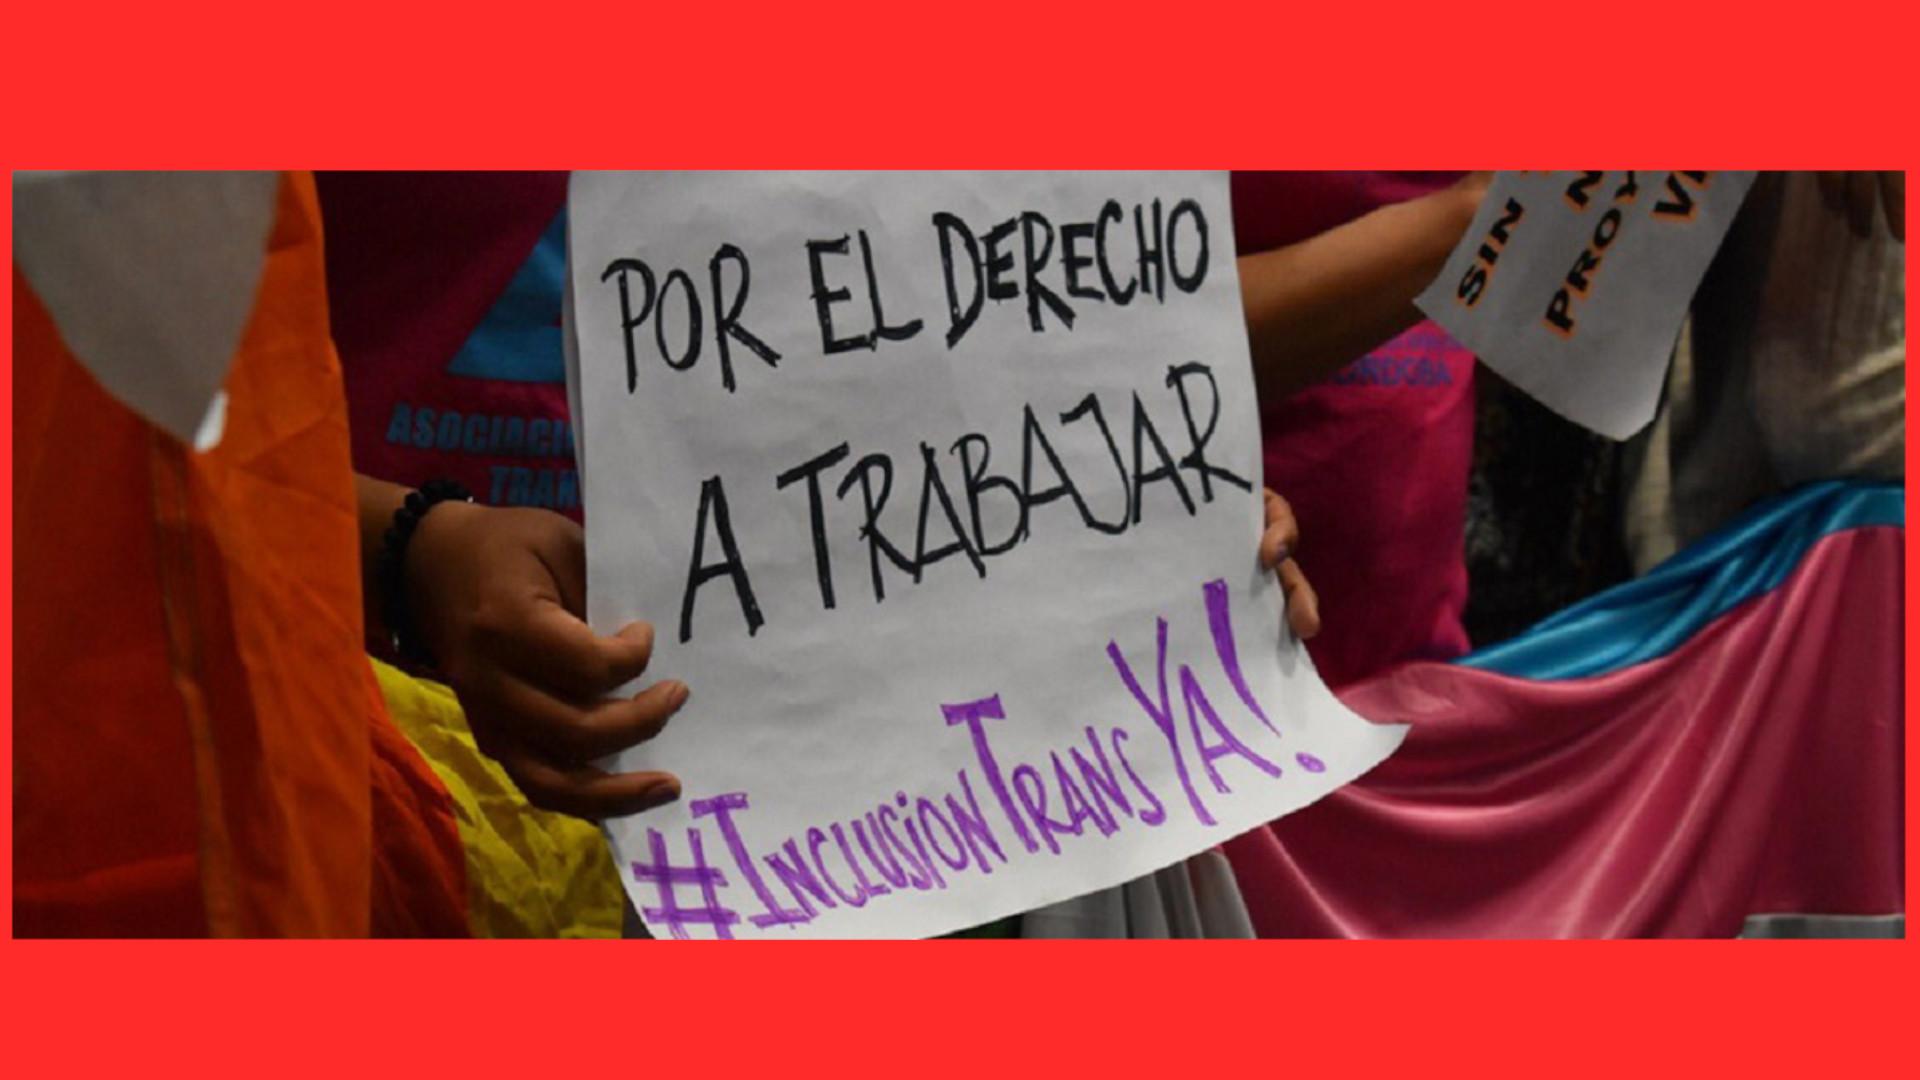 Inclusión laboral trans, necesaria y urgente para Argentina